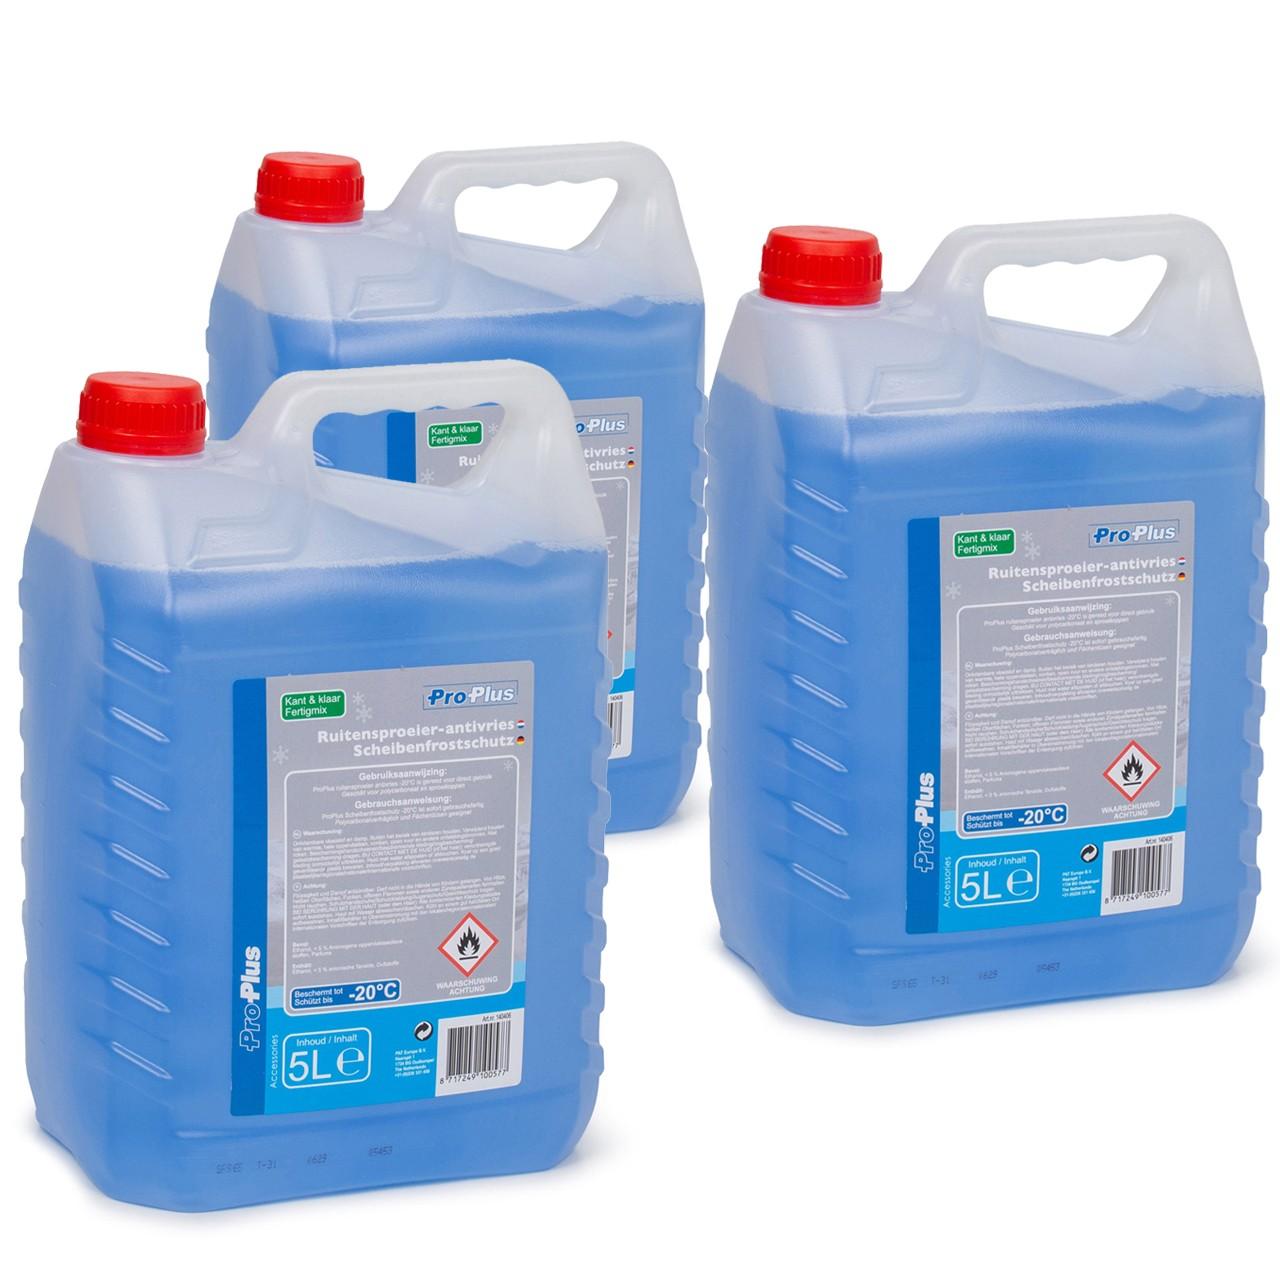 PROPLUS 140406 Frostschutz Scheibenfrostschutz Fertigmix -20°C 3x 5 Liter